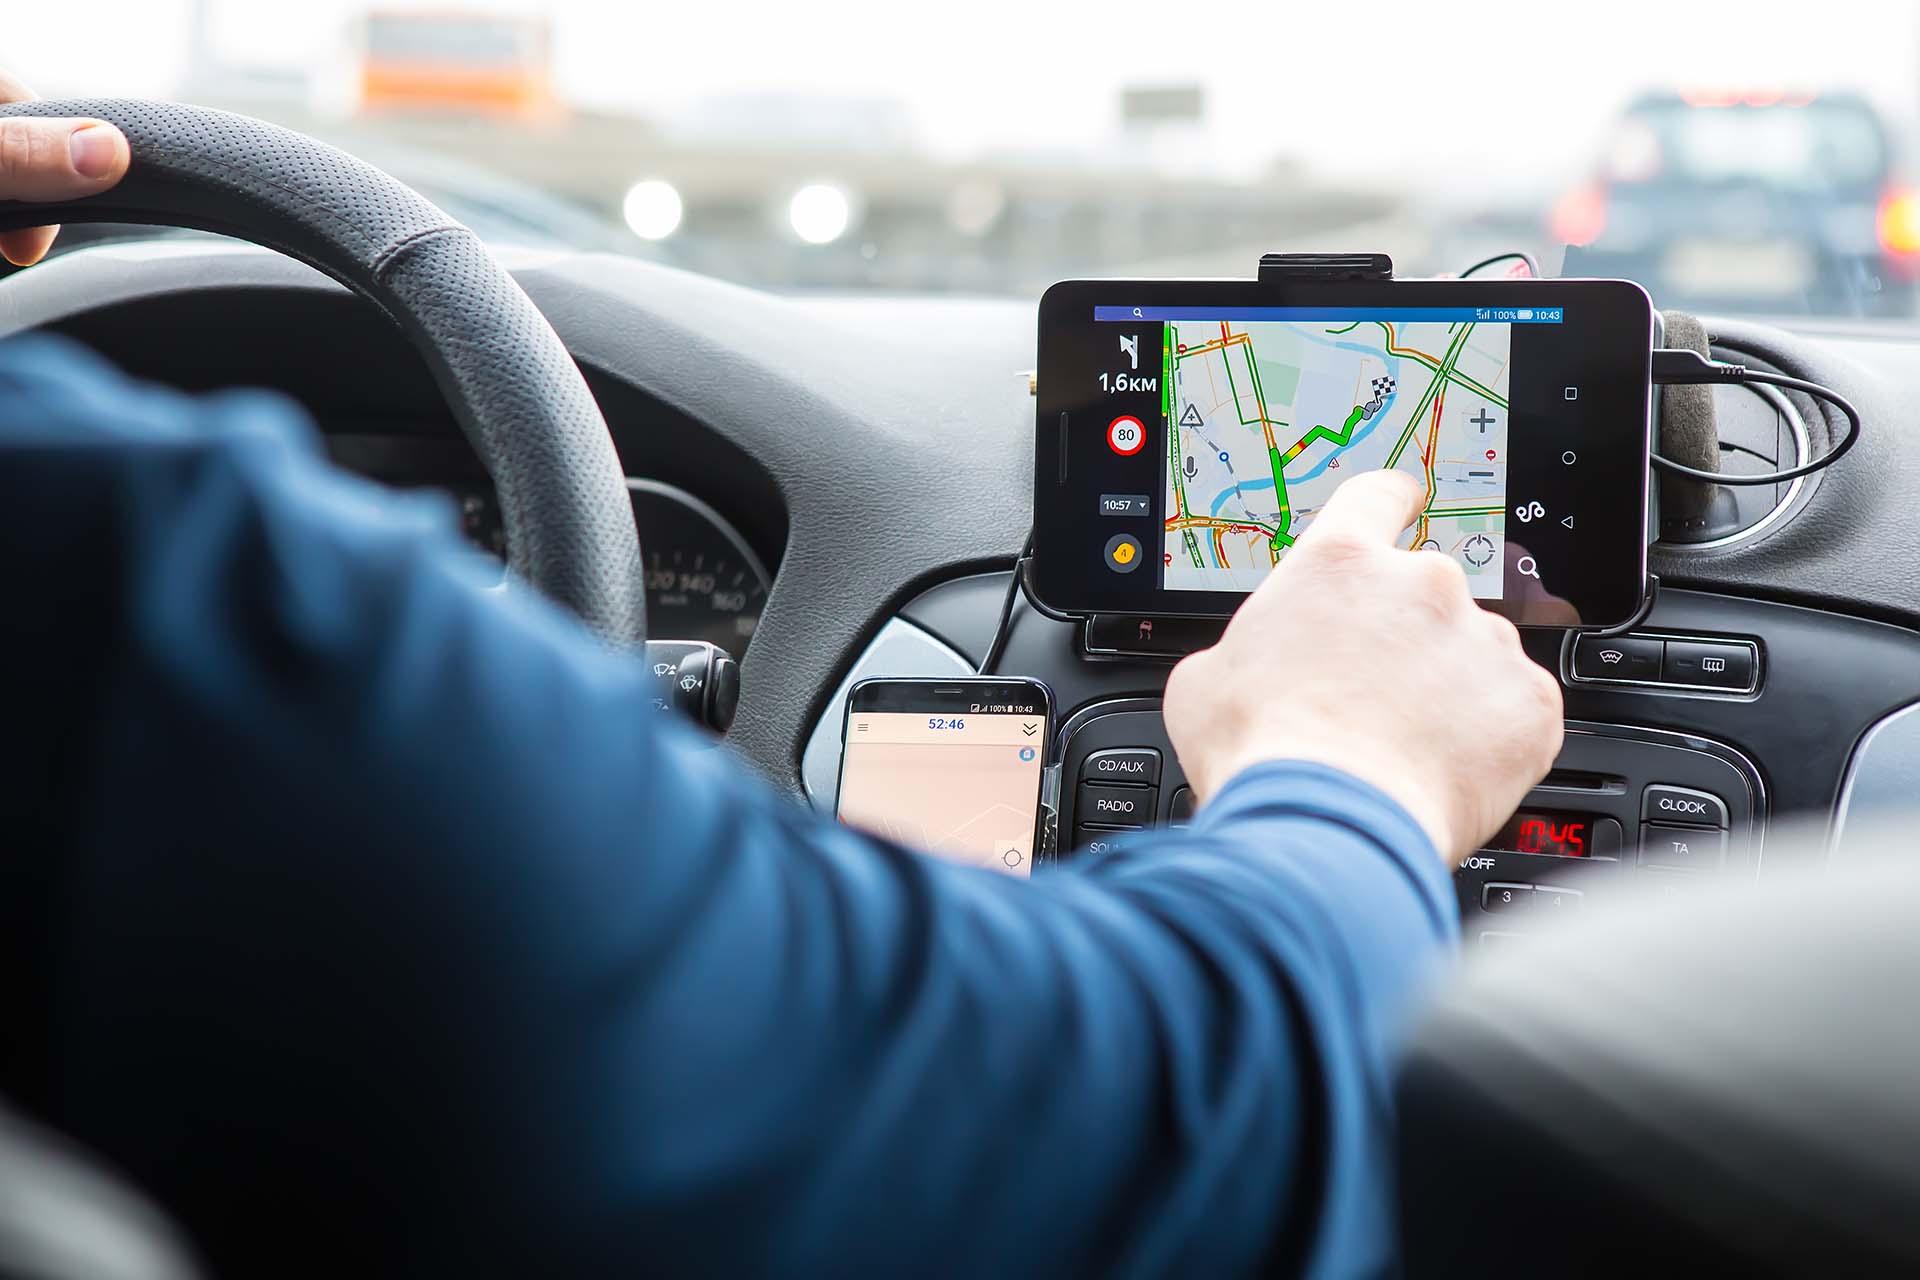 Radar : indication de vitesse au compteur ou GPS ?